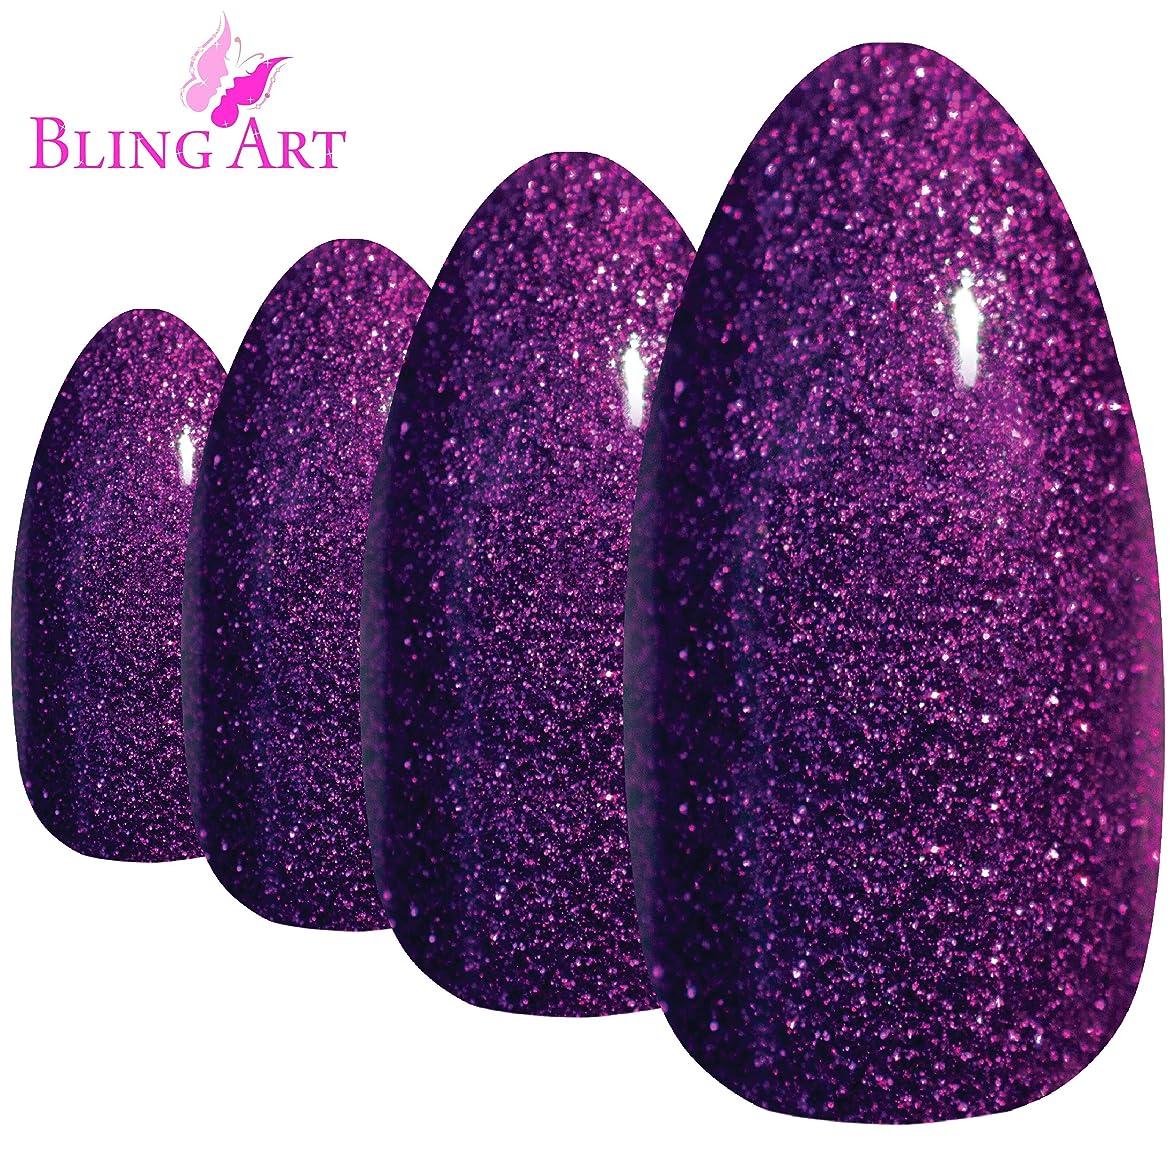 振動する明確なアドバイスBling Art Almond False Nails Fake Stiletto Gel Purple Glitter 24 Long Tips Glue